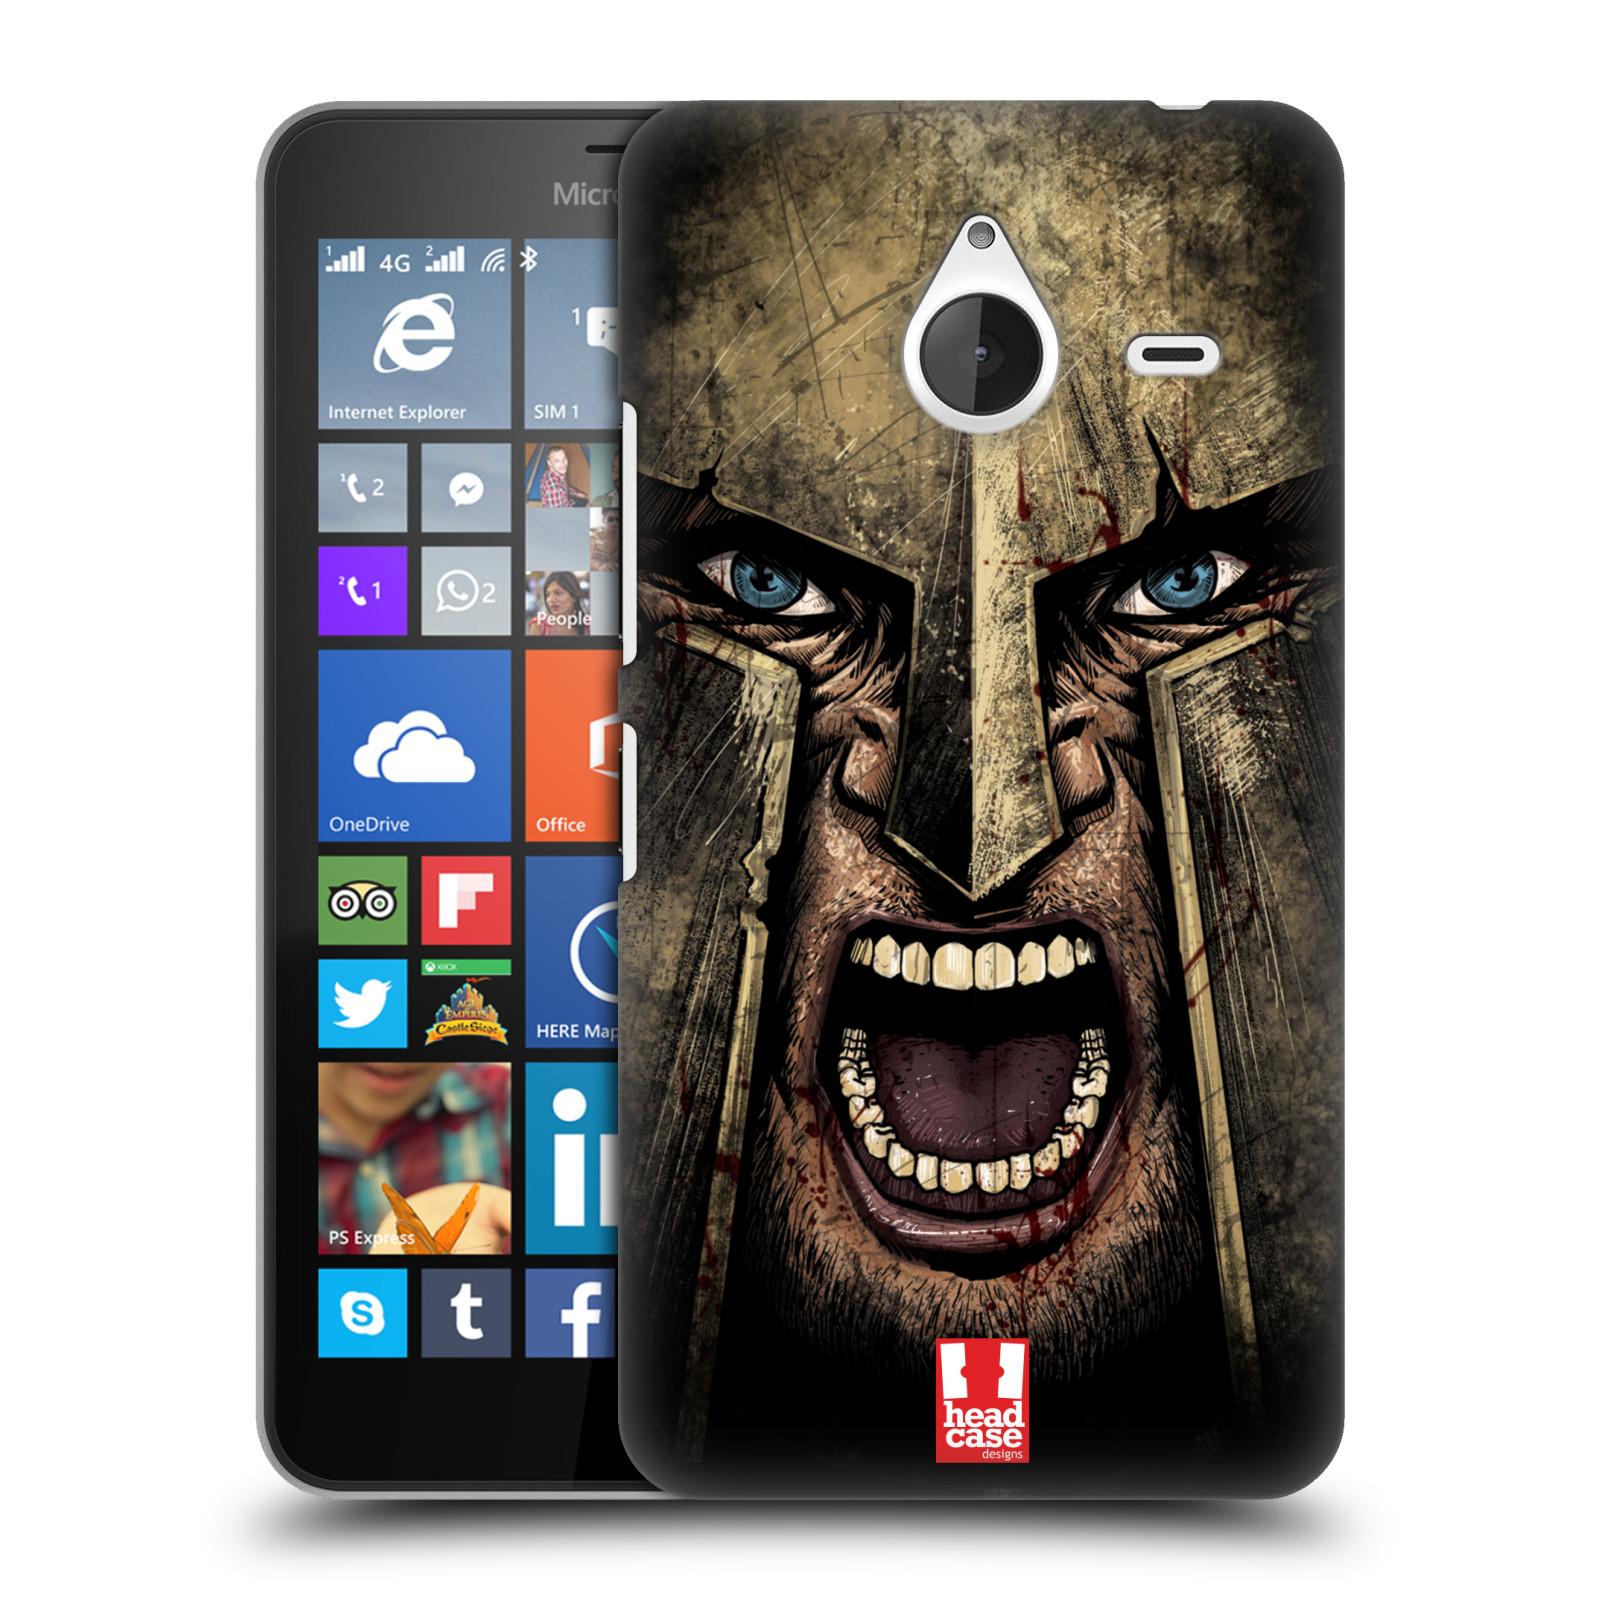 Plastové pouzdro na mobil Microsoft Lumia 640 XL - Head Case - Řvoucí válečník (Plastový kryt či obal na mobilní telefon s motivem bojovníka pro Microsoft Lumia 640 XL)